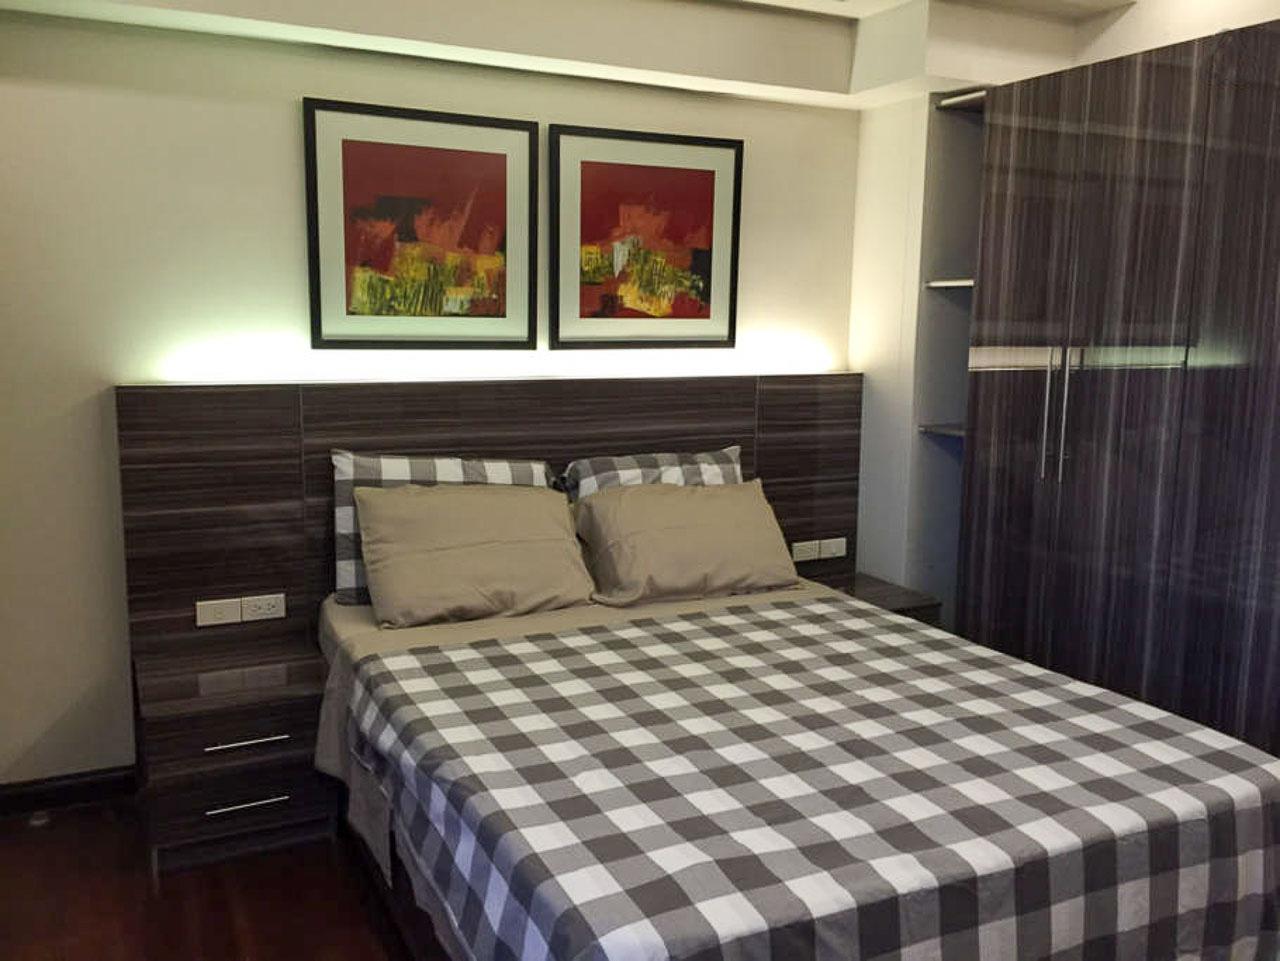 Condo for rent in avalon condominium cebu grand realty for 1 bedroom condo for rent